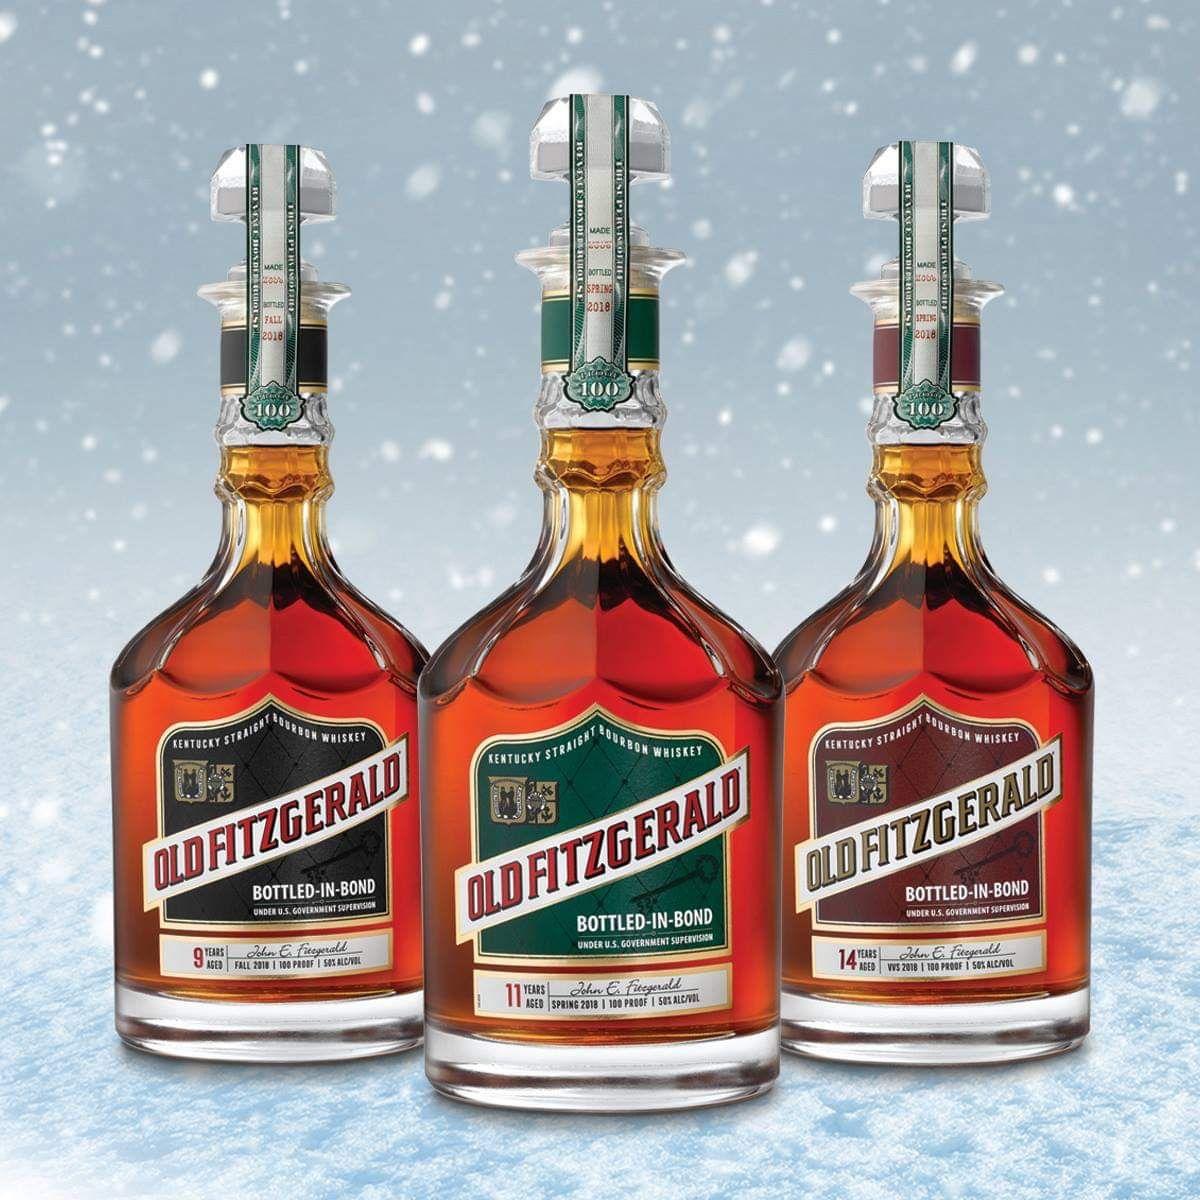 Old Fitzgerald Bottled In Bond Bourbons Bourbon Bottle Bourbon Whiskey